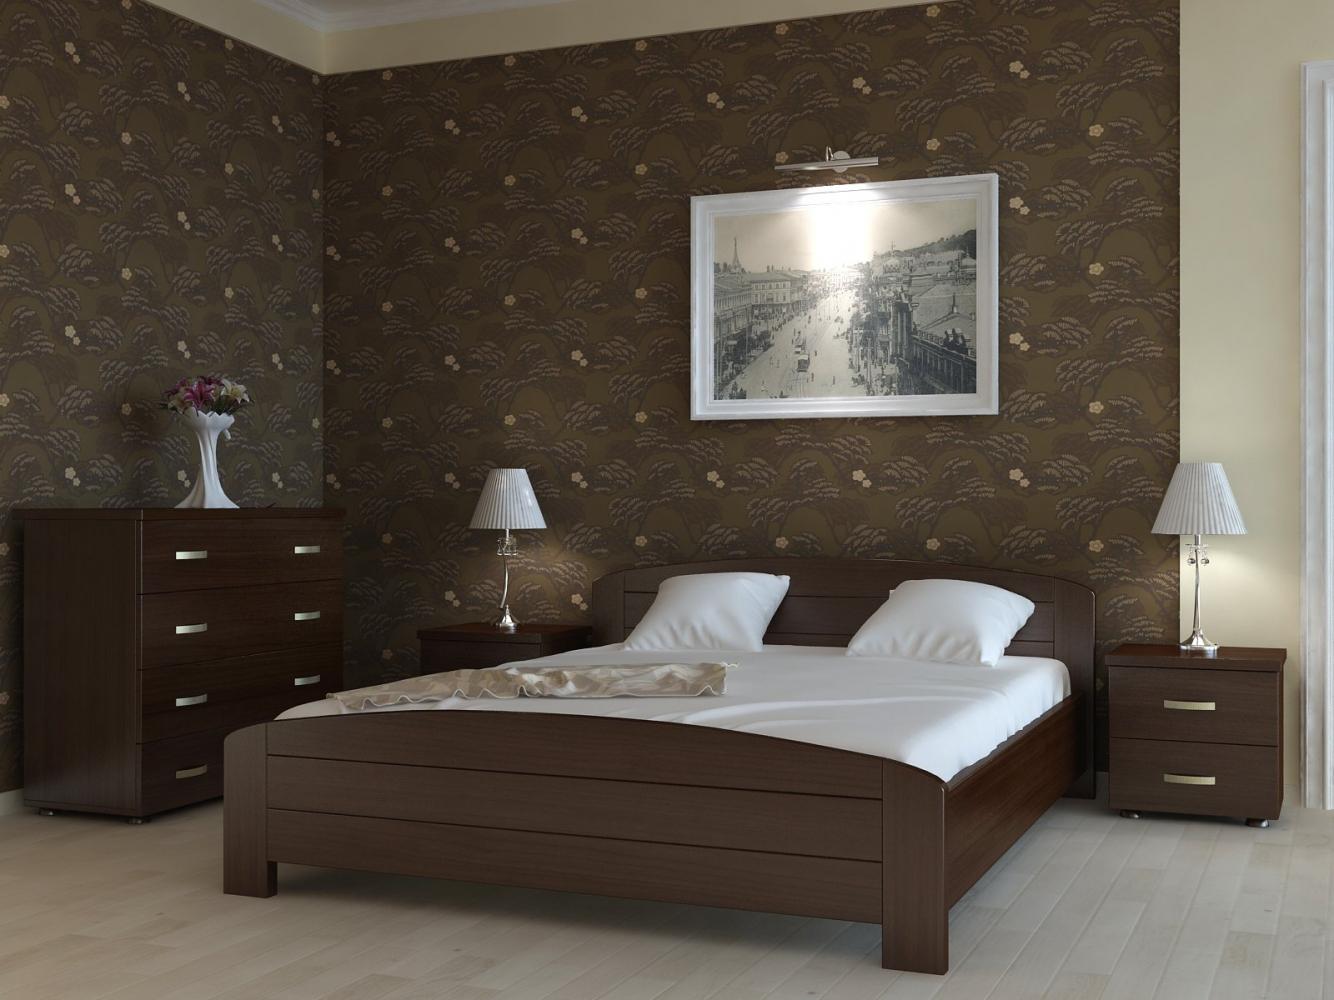 Кровать Класика 2